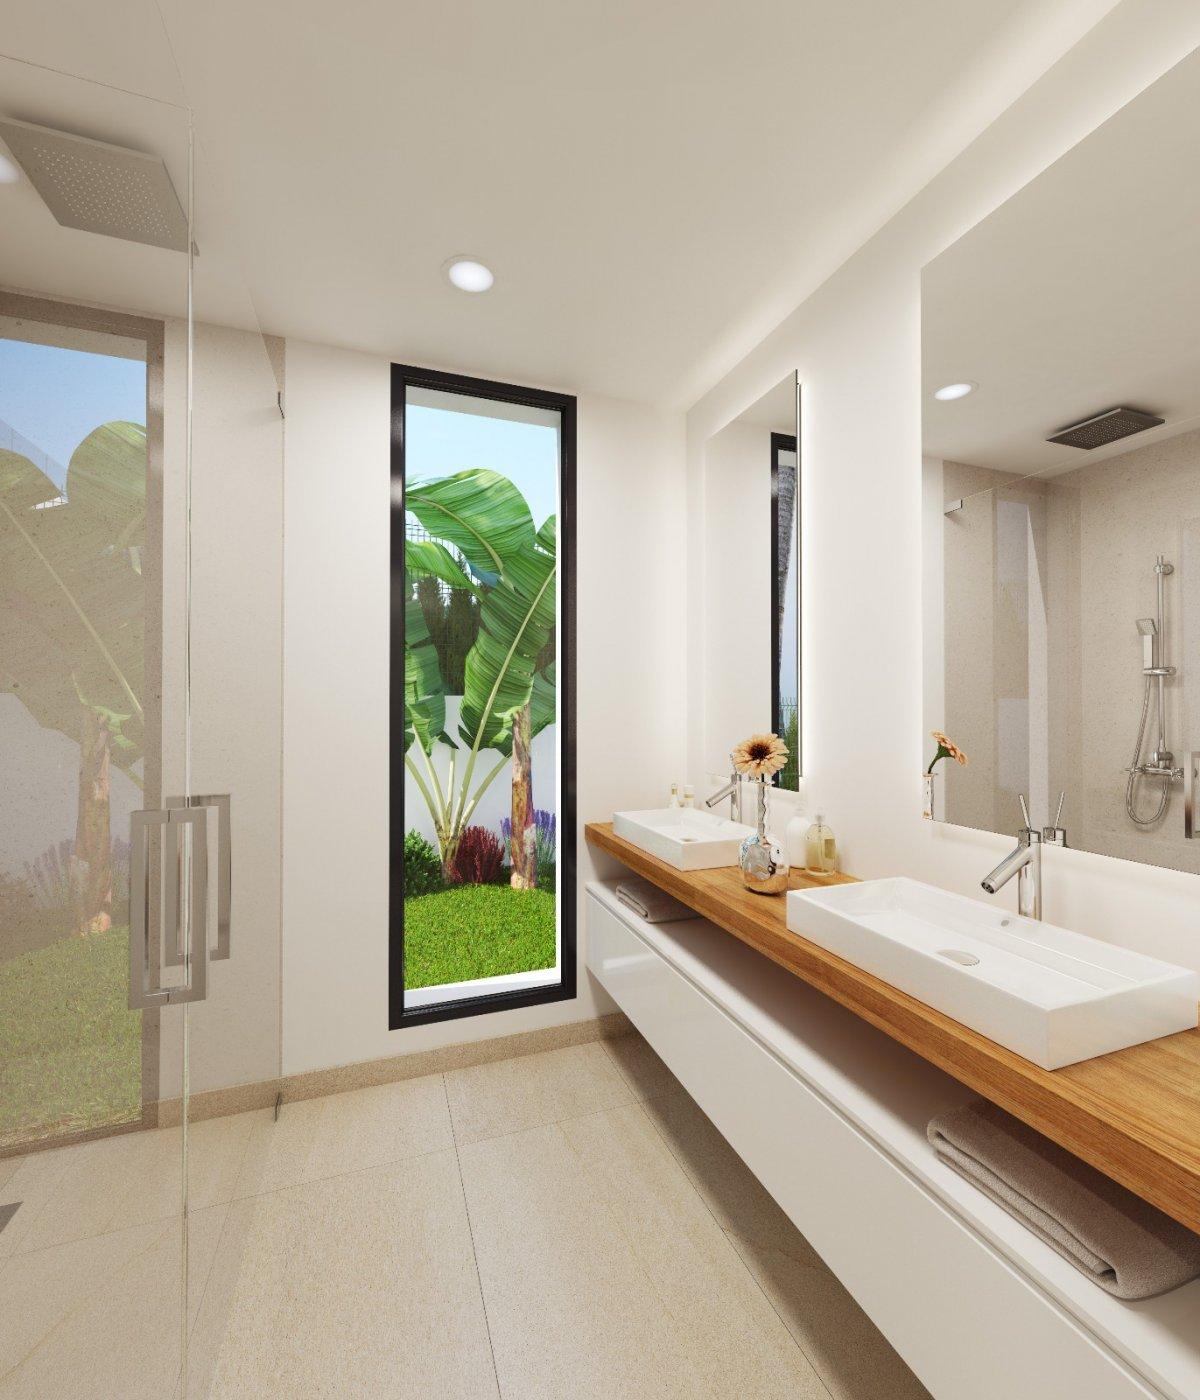 Villas de obra nueva modernas con vistas al mar en sierra cortina - imagenInmueble16